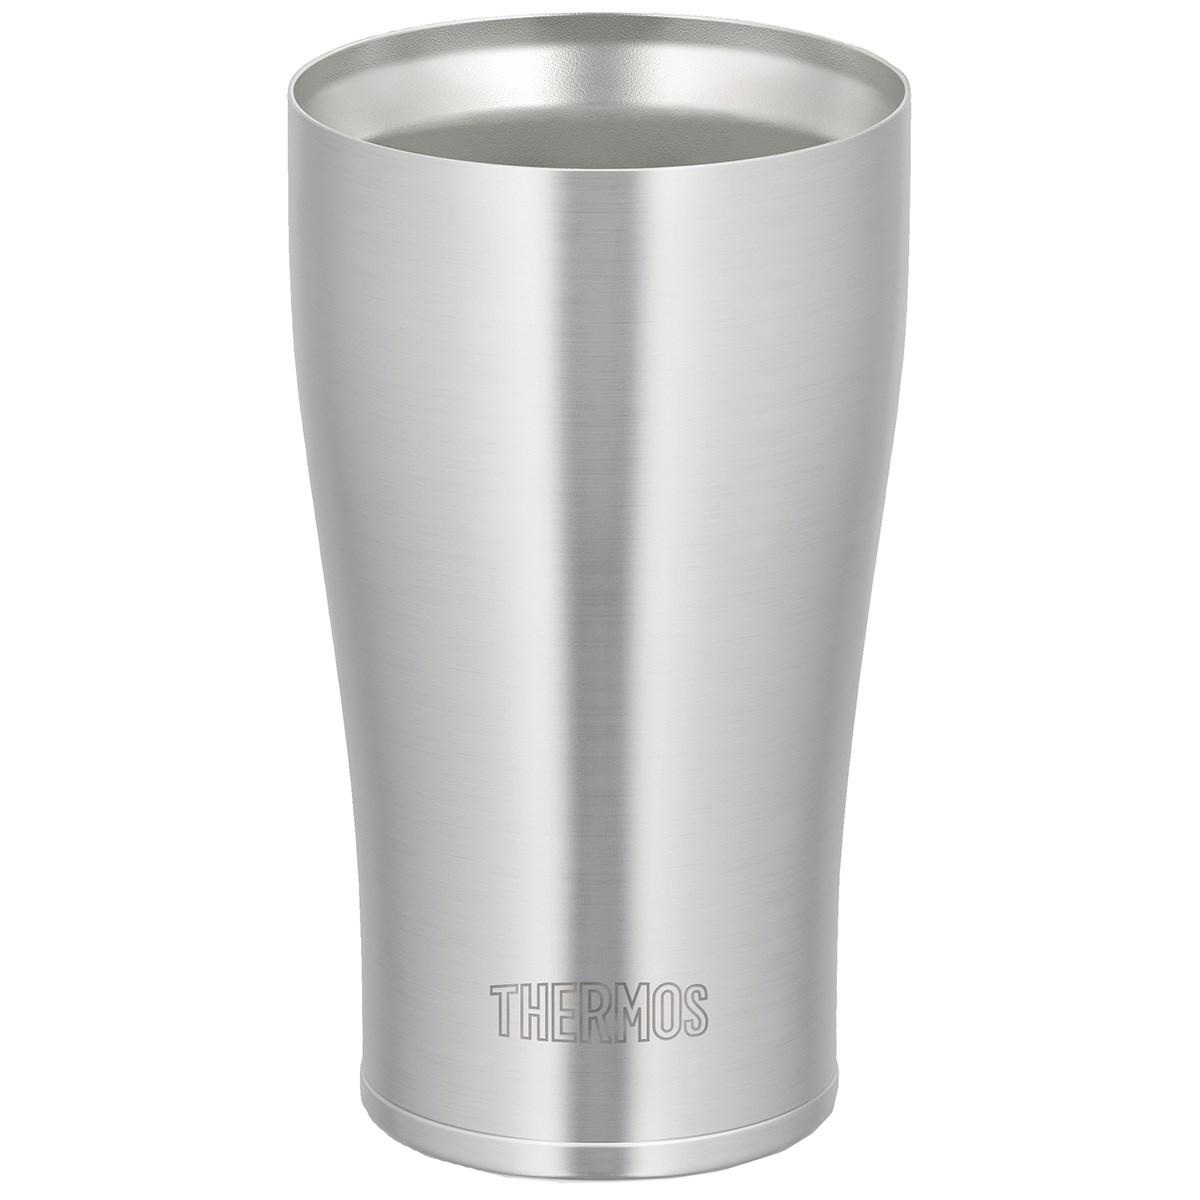 サーモス THERMOS 真空断熱タンブラー 0.34L ステンレス